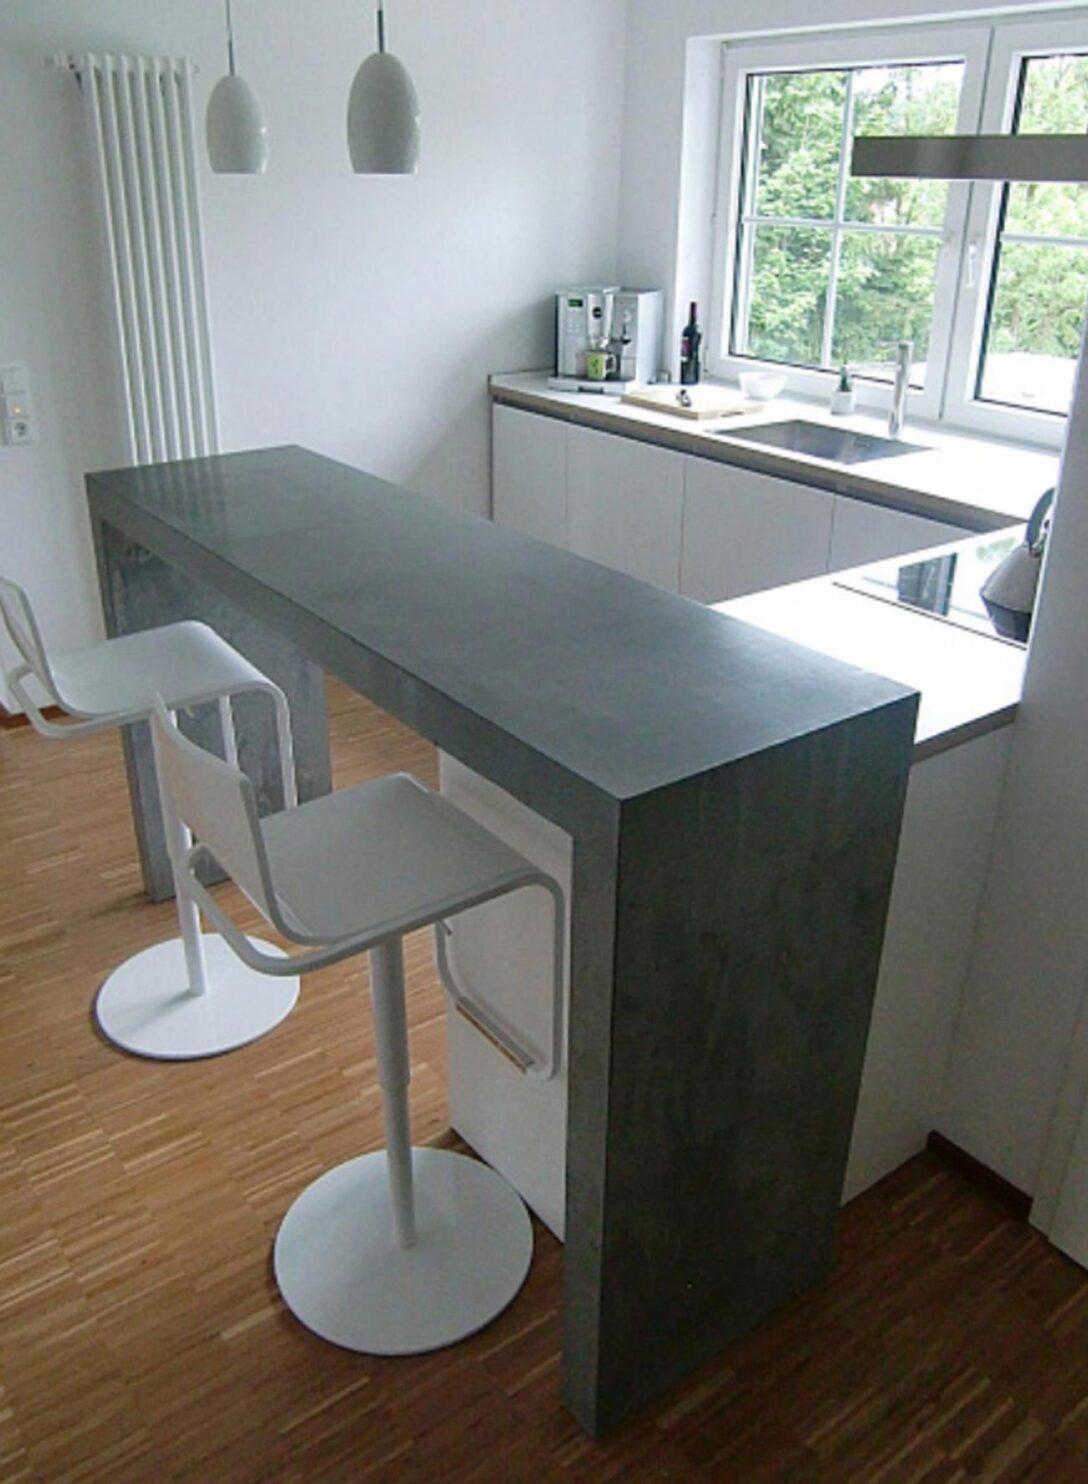 Large Size of Kchentheke Beton Kche Betonmbel P Ikea Küche Kosten Miniküche Betten 160x200 Modulküche Kaufen Bei Sofa Mit Schlaffunktion Wohnzimmer Ikea Küchentheke